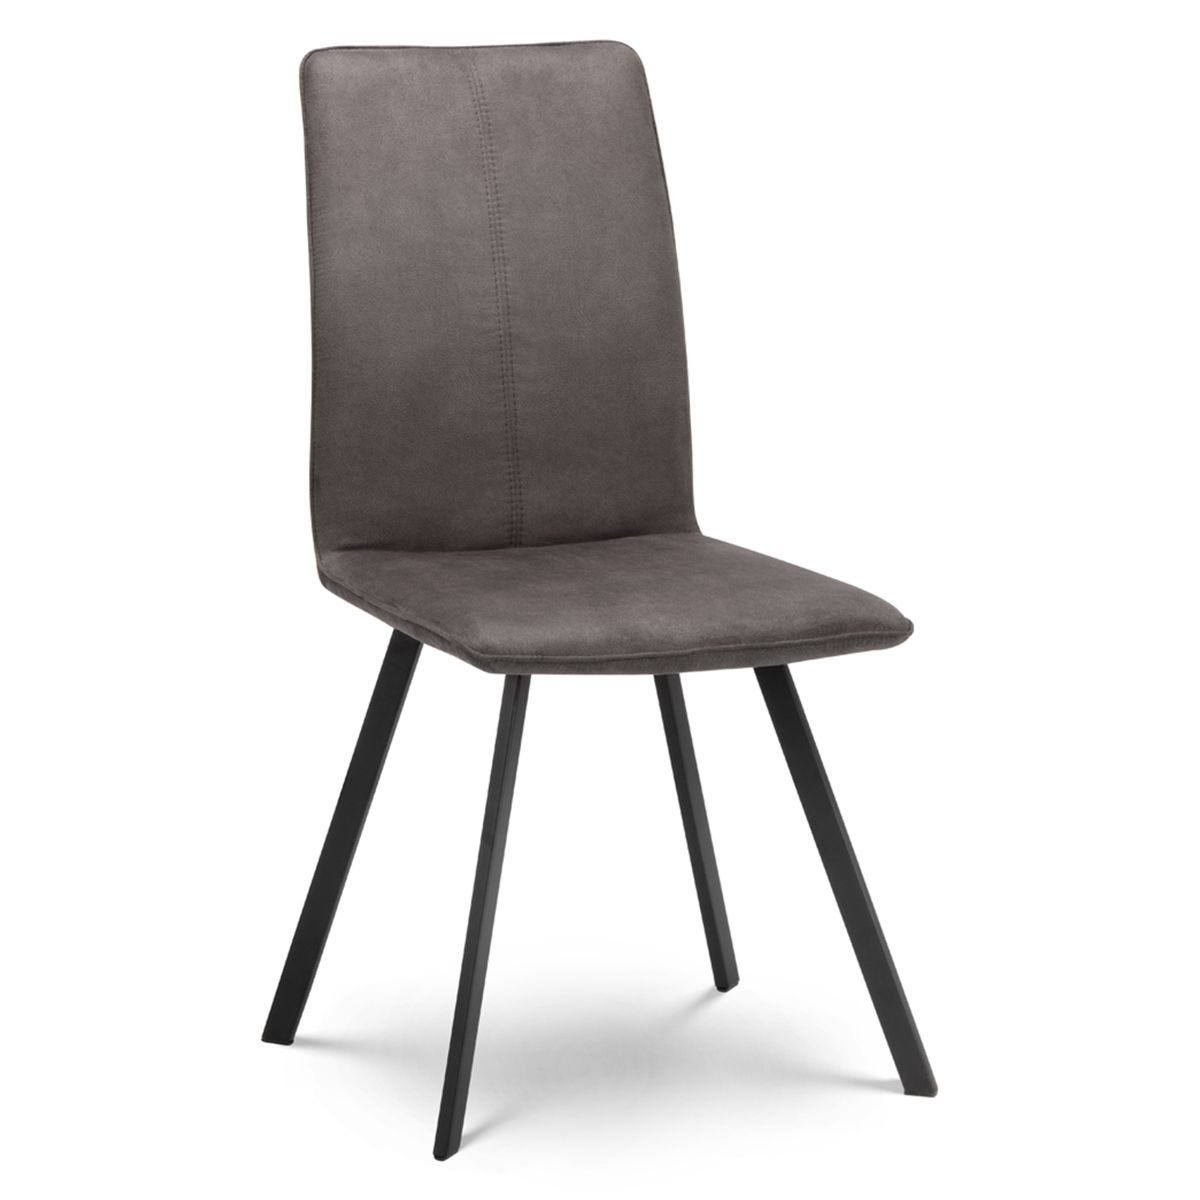 Julian Bowen Monroe Fabric Dining Chairs - 2pk